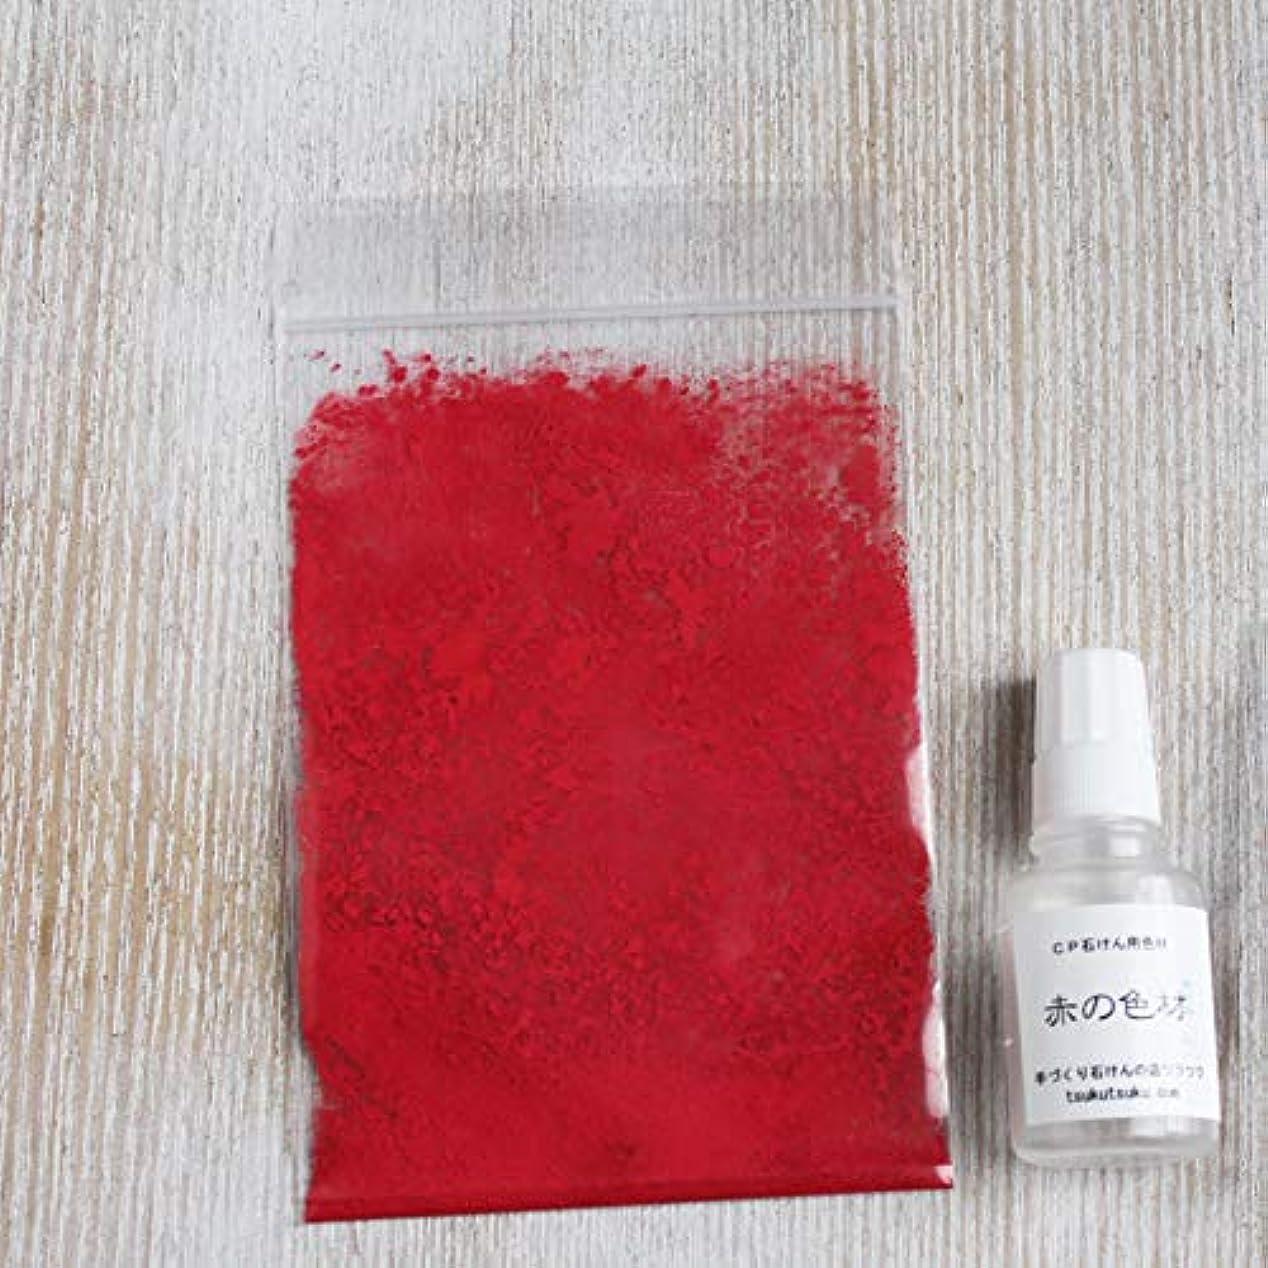 描写マーカー些細なCP石けん用色材 赤の色材キット/手作り石けん?手作り化粧品材料